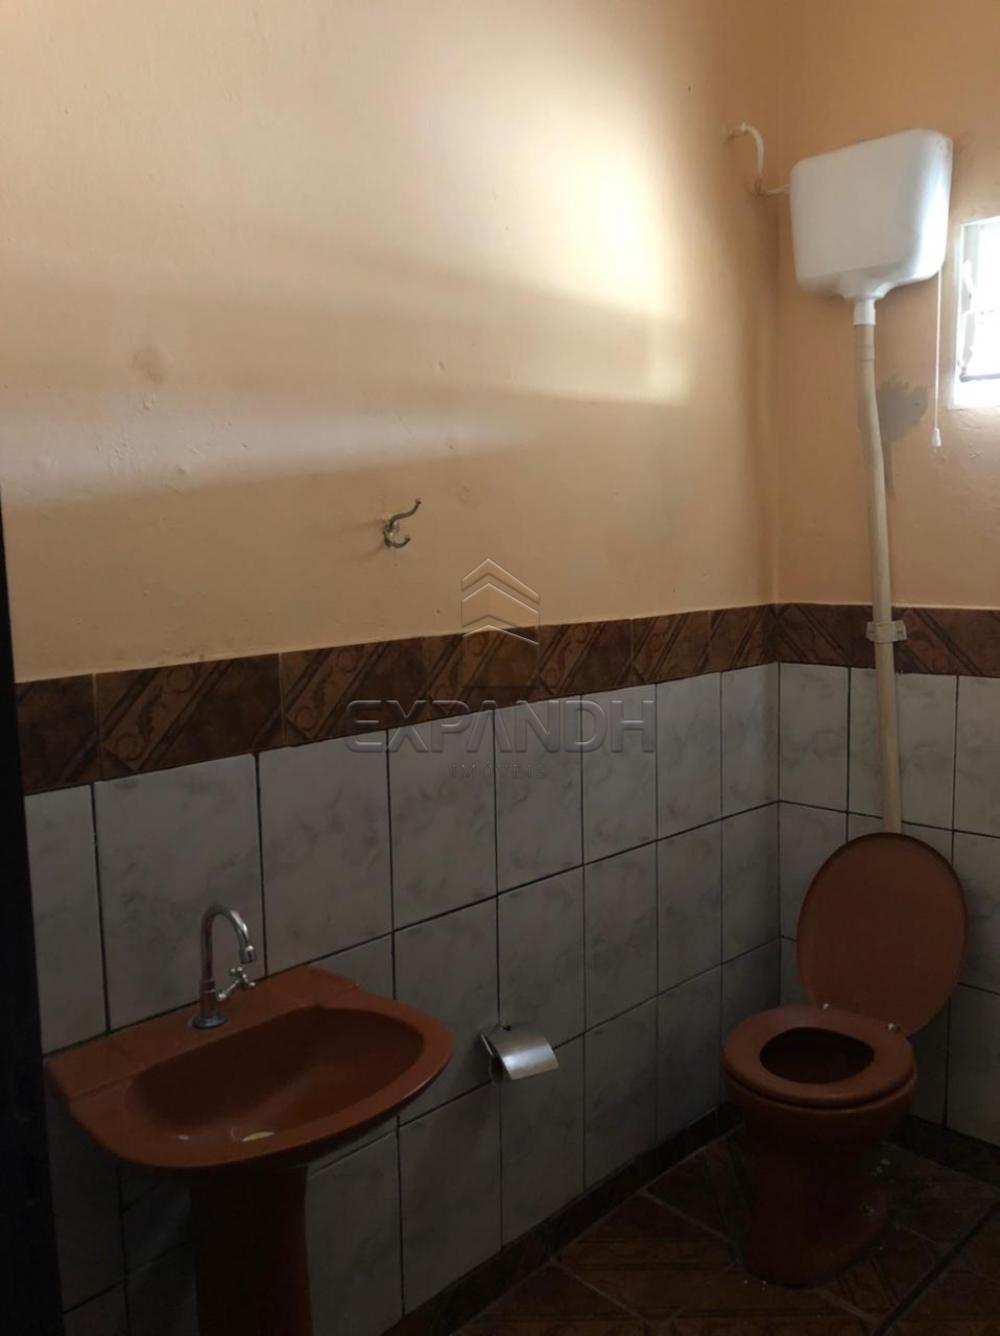 Alugar Casas / Padrão em Sertãozinho R$ 690,00 - Foto 13